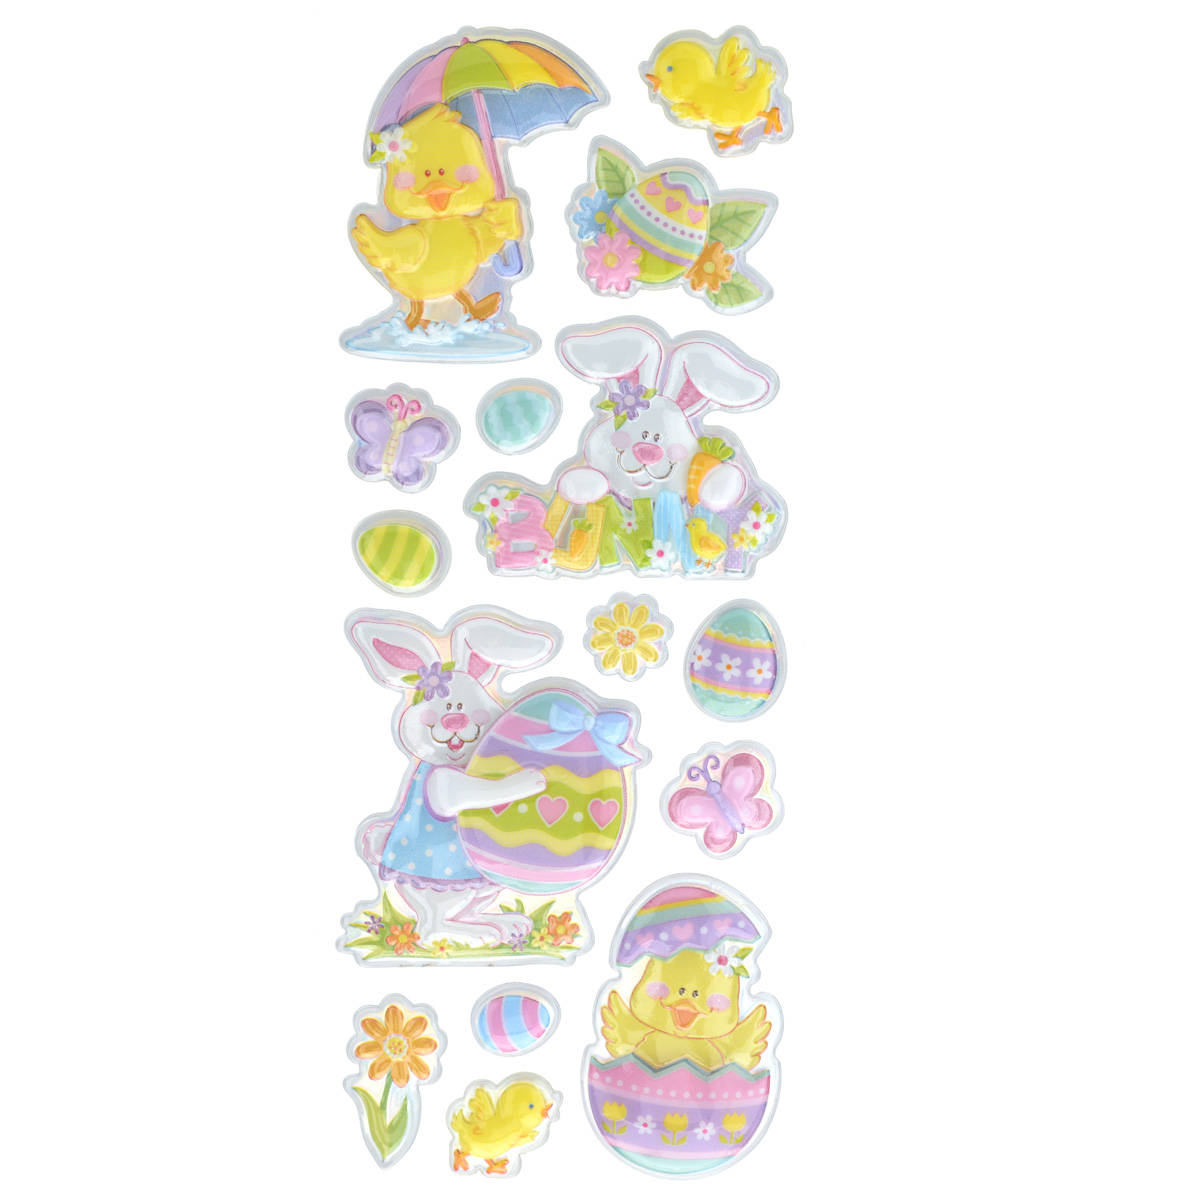 Набор объемных наклеек Home Queen Цыпленок под зонтом, 15 шт60882_5Набор объемных наклеек Home Queen Цыпленок под зонтом прекрасно подойдет для оформления творческих работ. Их можно использовать для скрапбукинга, украшения упаковок, подарков и конвертов, открыток, декорирования коллажей, фотографий, изделий ручной работы и предметов интерьера. Объемные наклейки выполнены из ПВХ. Задняя сторона клейкая. В наборе - 15 объемных наклеек, выполненных в виде пасхального кролика, цыпленка, яиц, бабочек и цветов. Такой набор украшений создаст атмосферу праздника в вашем доме. Комплектация: 15 шт.Средний размер наклейки: 5 см х 6 см.